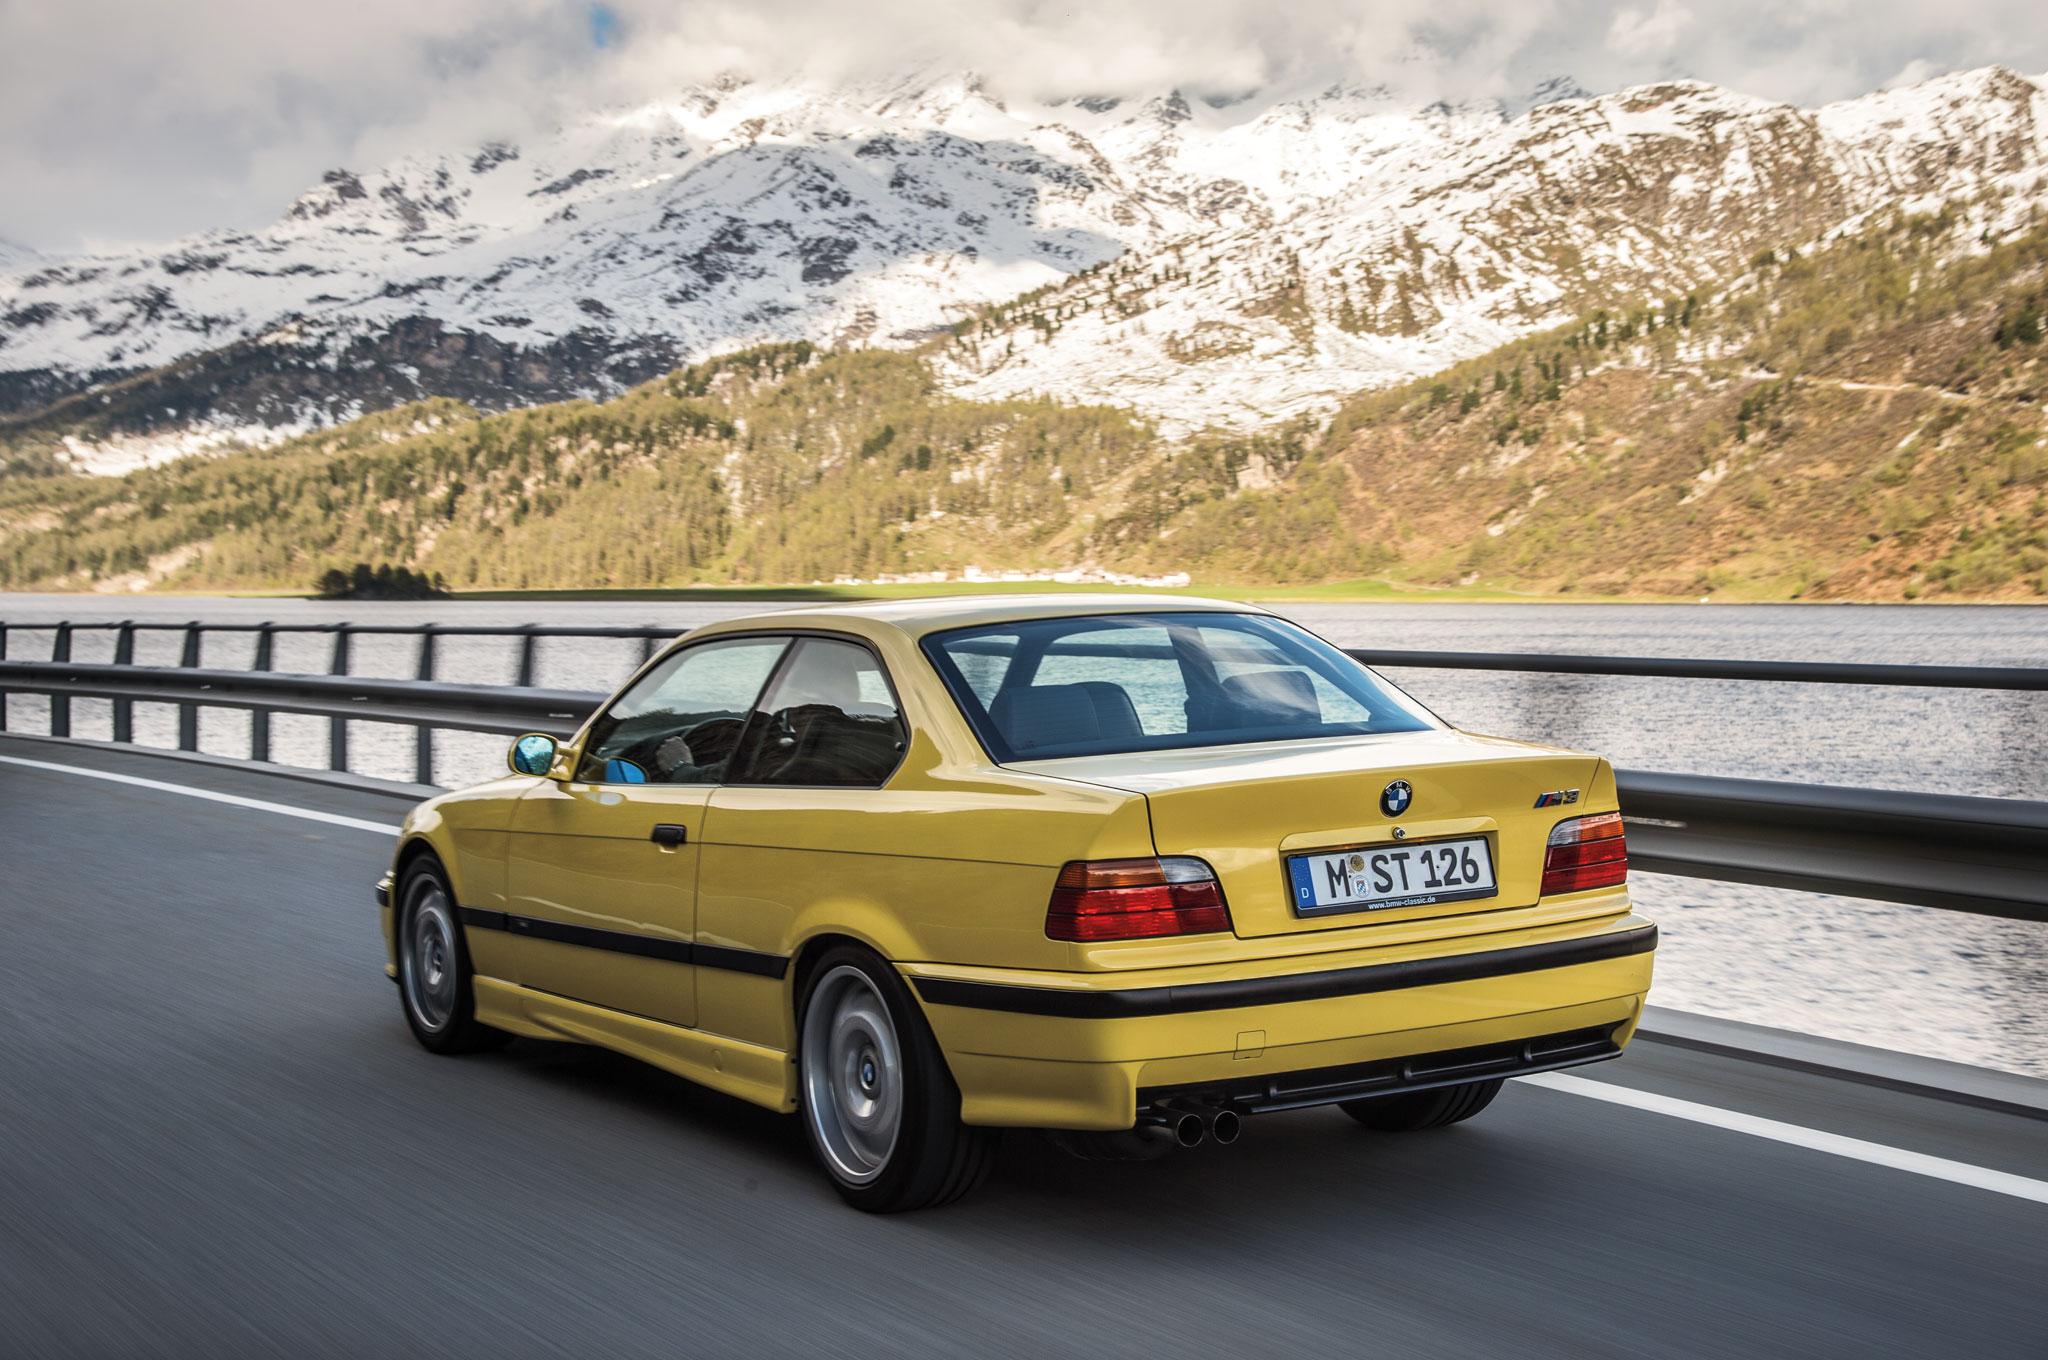 2002 BMW M3 - Four Seasons Wrap-Up